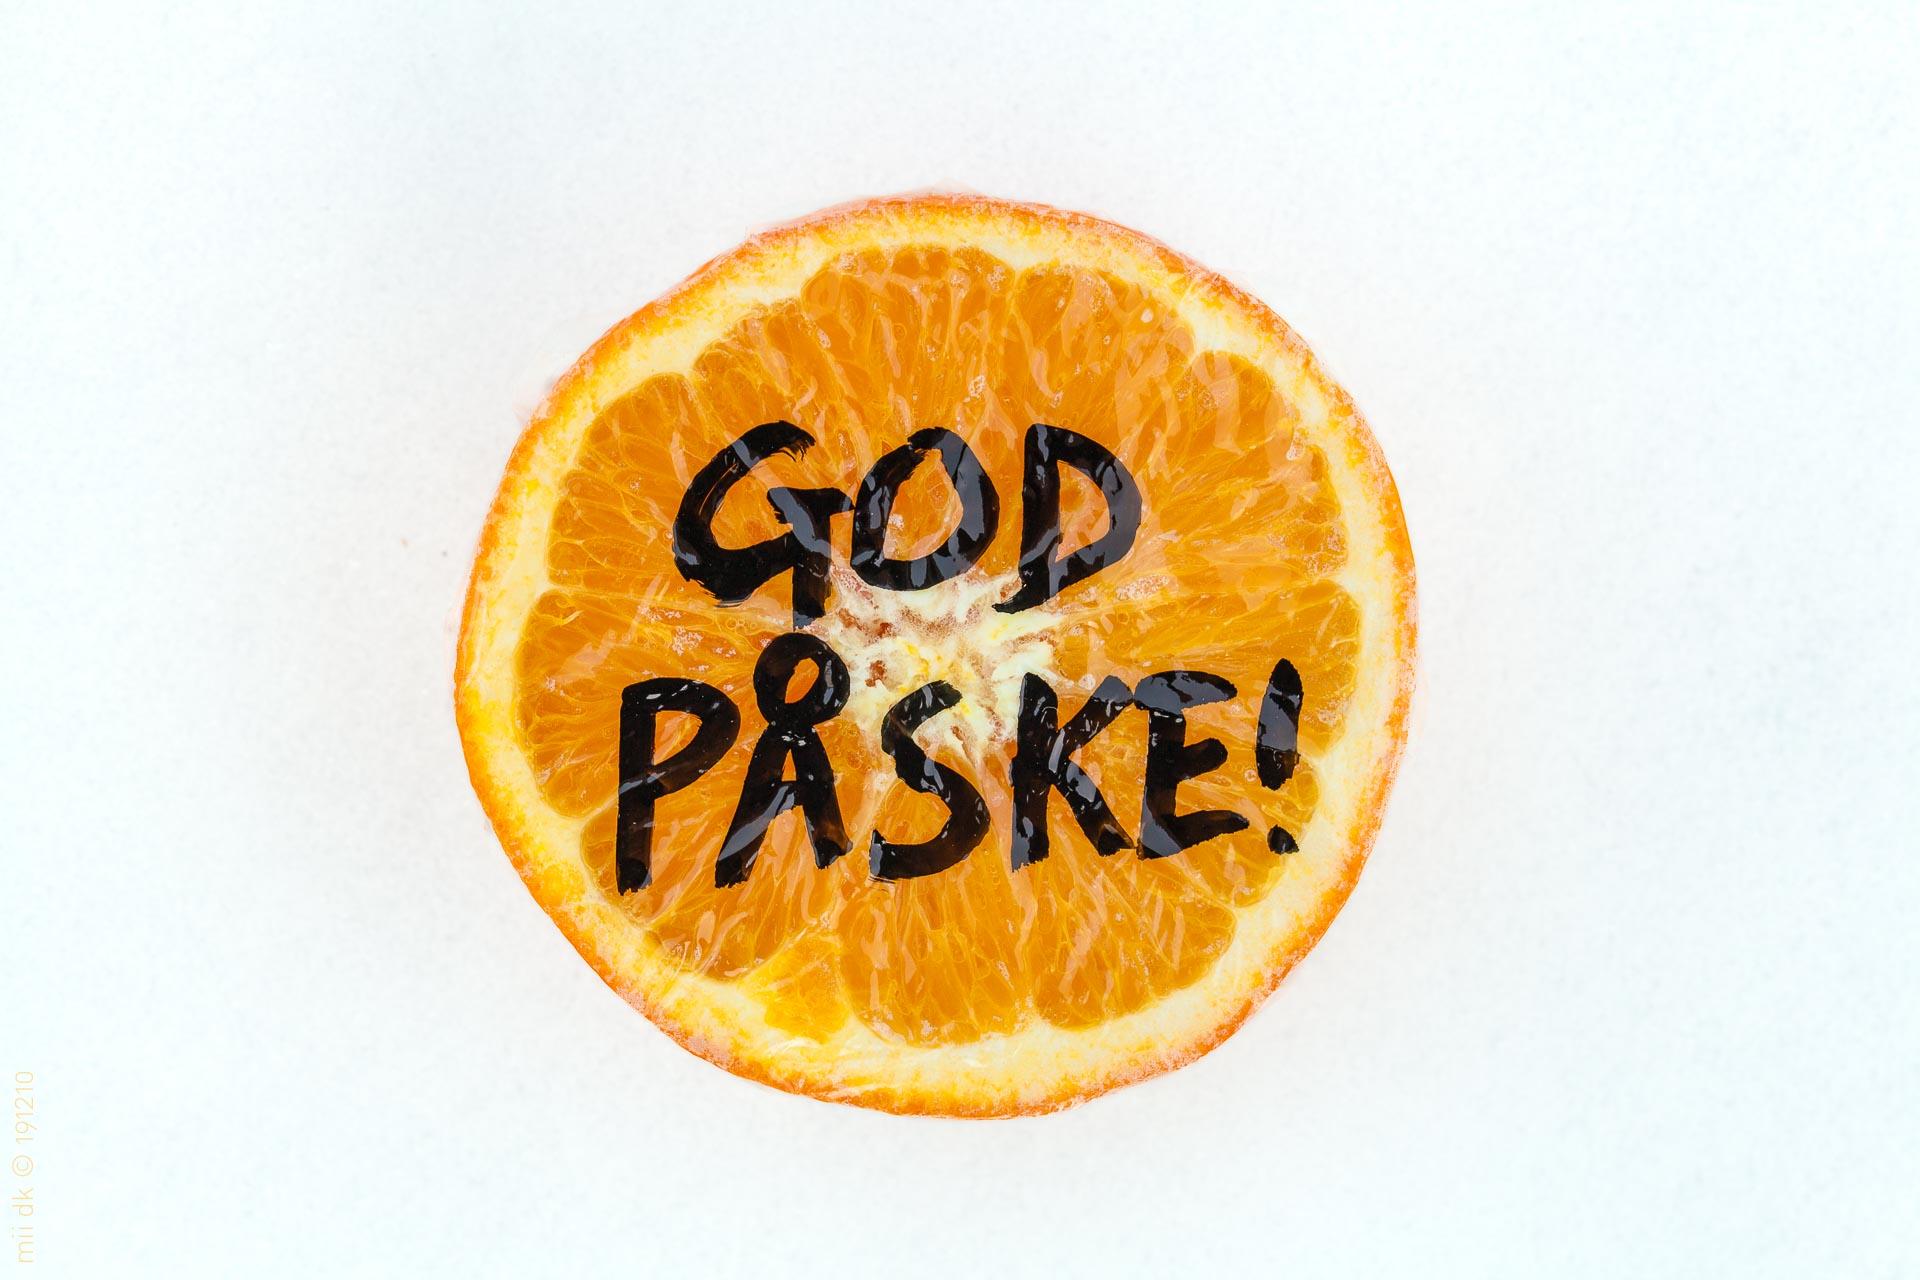 """Påskehilsen med """"God påske!"""" skrevet på en afskåret appelsin, der ligger på sneen."""